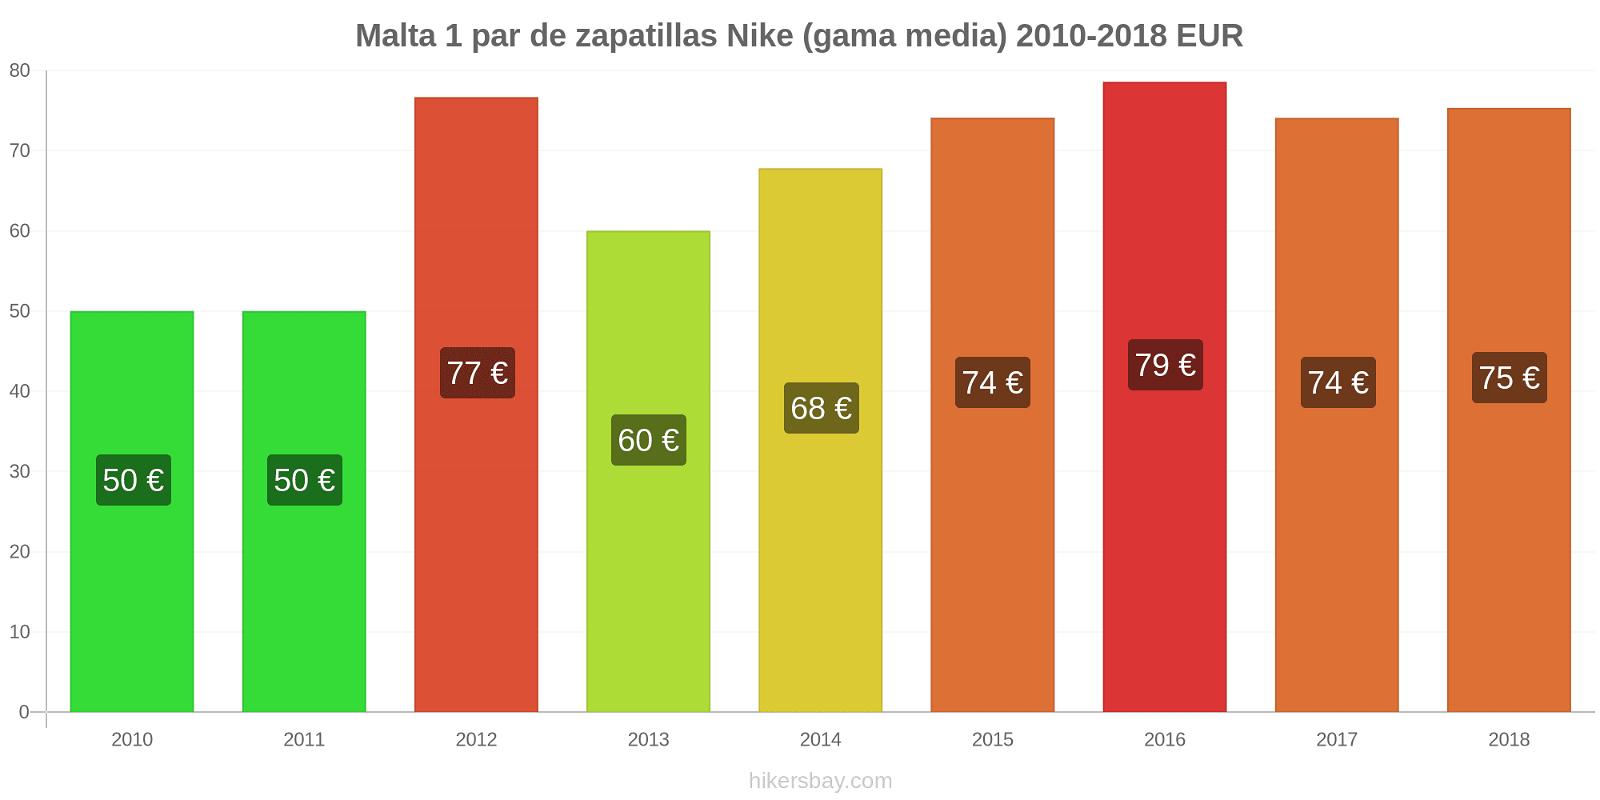 Malta cambios de precios 1 par de zapatillas Nike (gama media) hikersbay.com